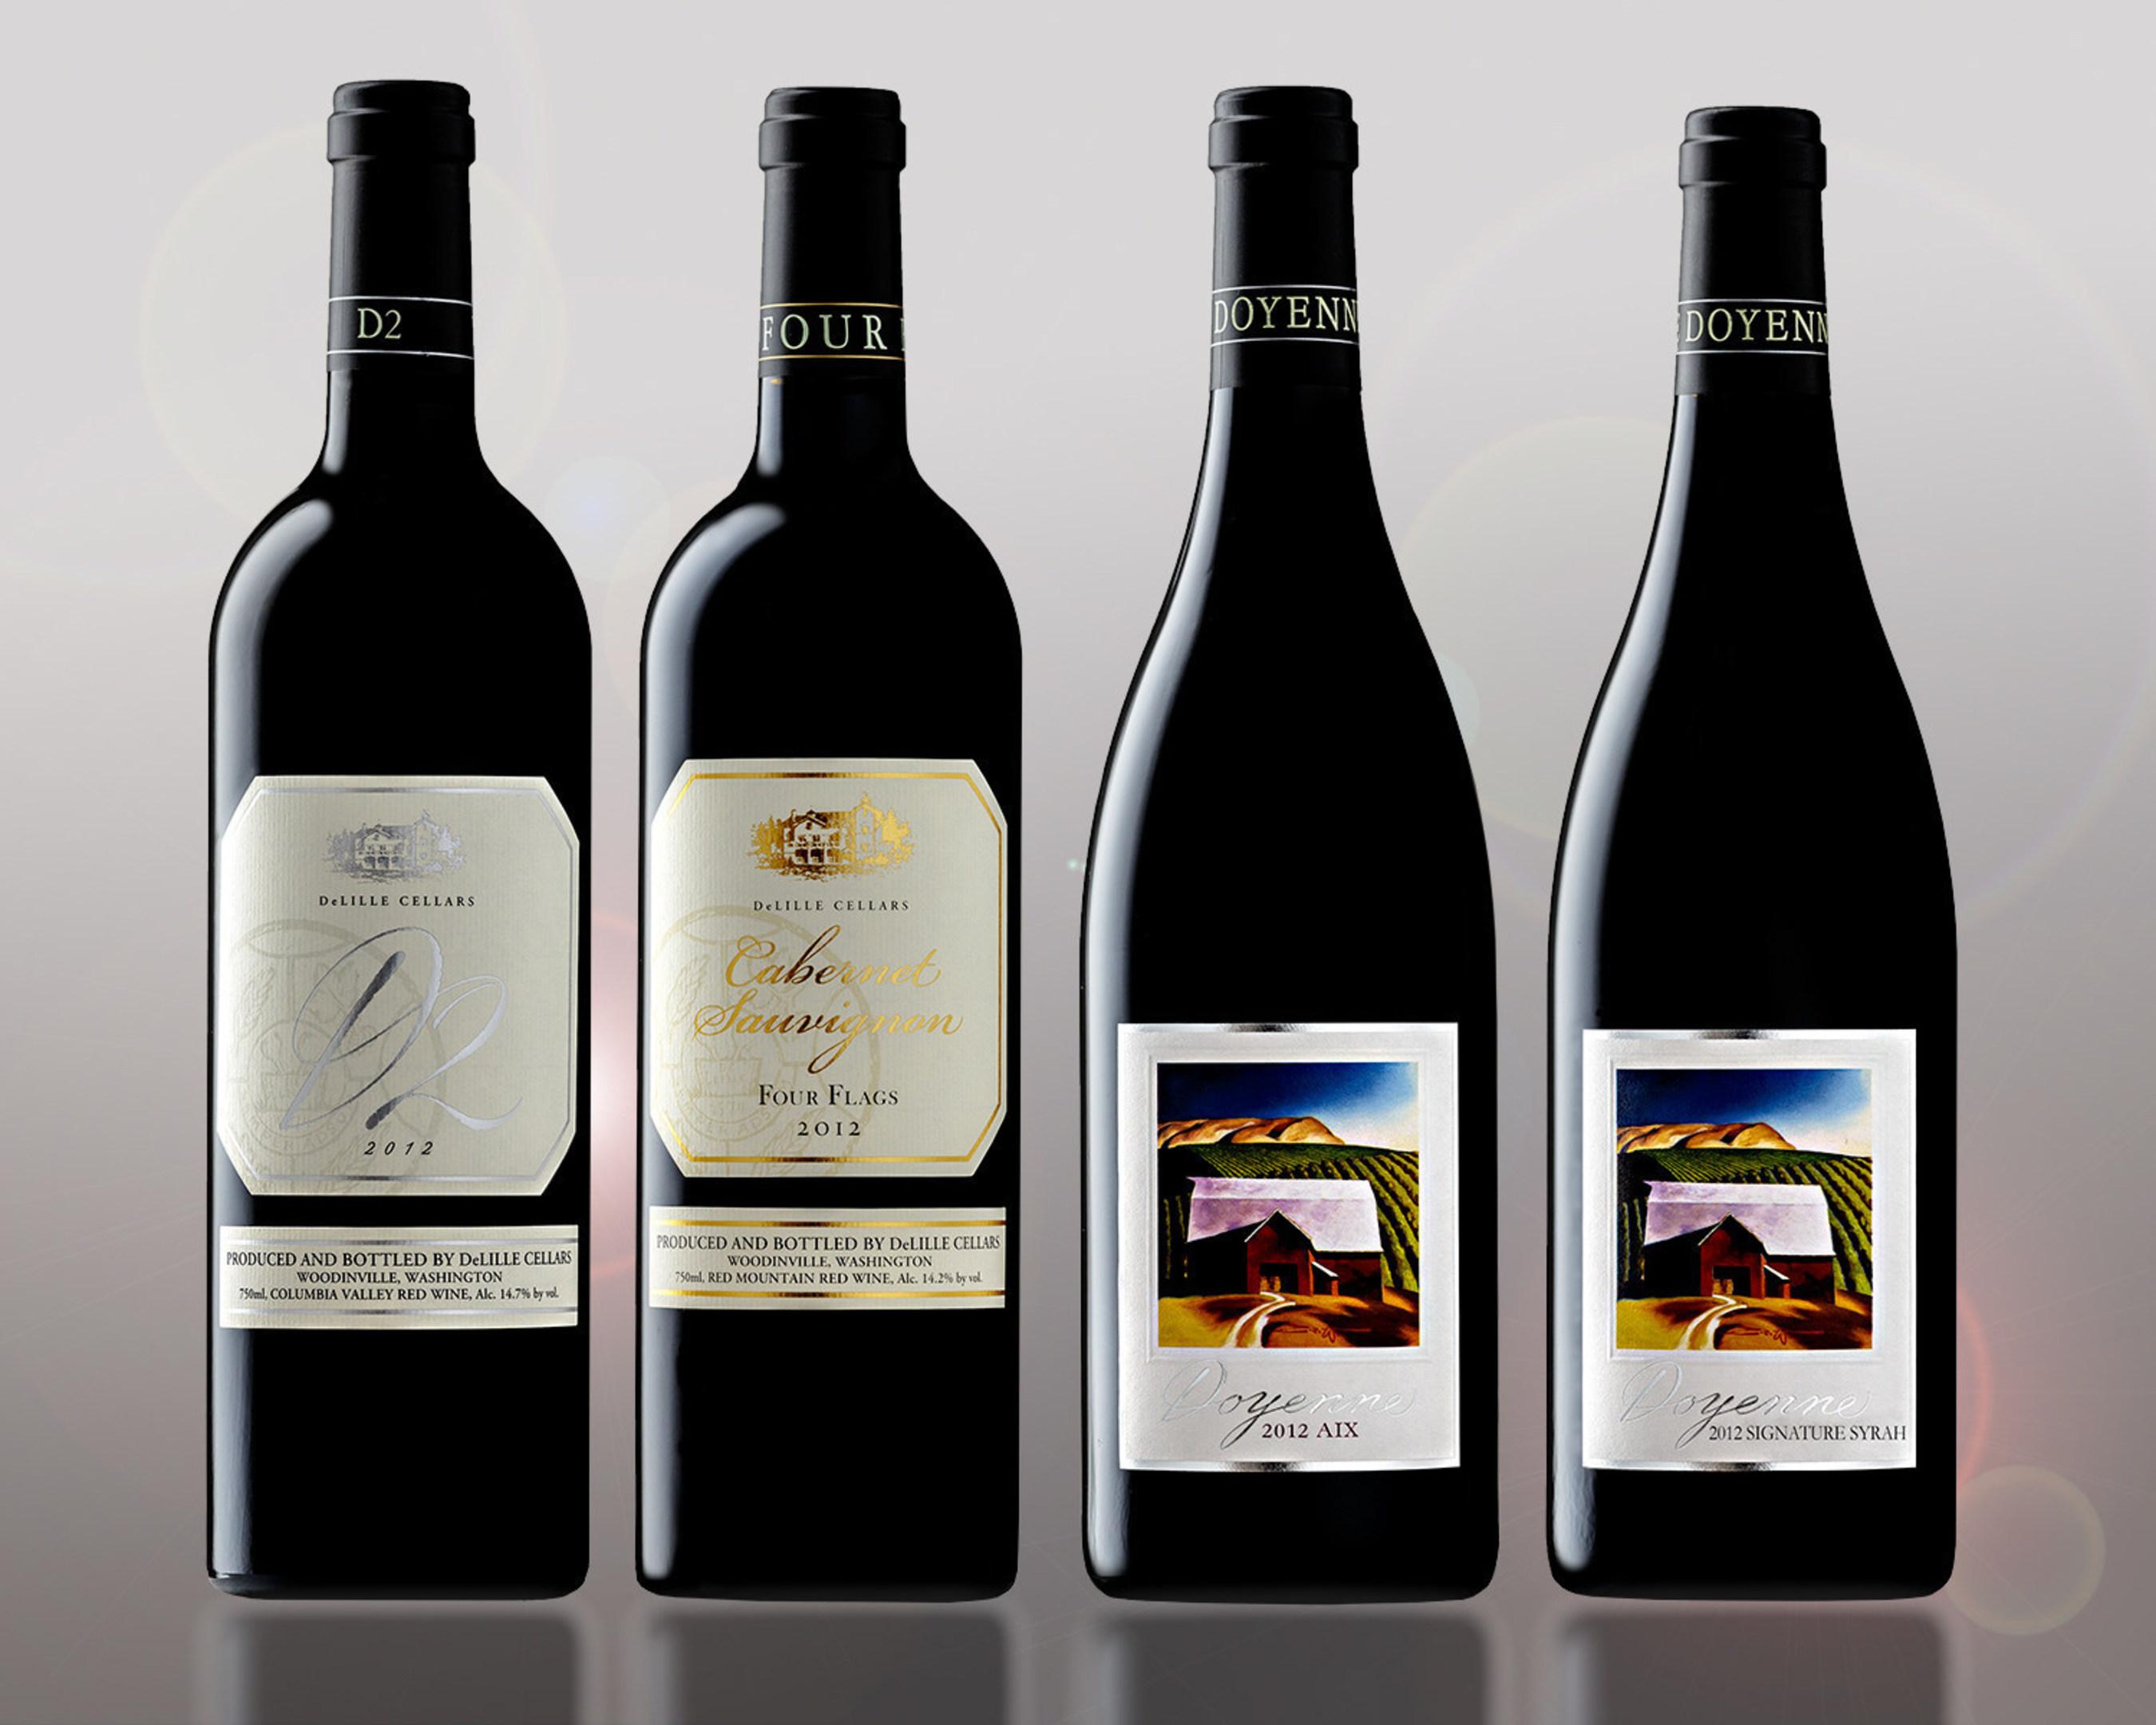 (L-R) DeLille Cellars 2012 D2, DeLille Cellars 2012 Cabernet Sauvignon Four Flags, Doyenne 2012 Aix and Doyenne  ...